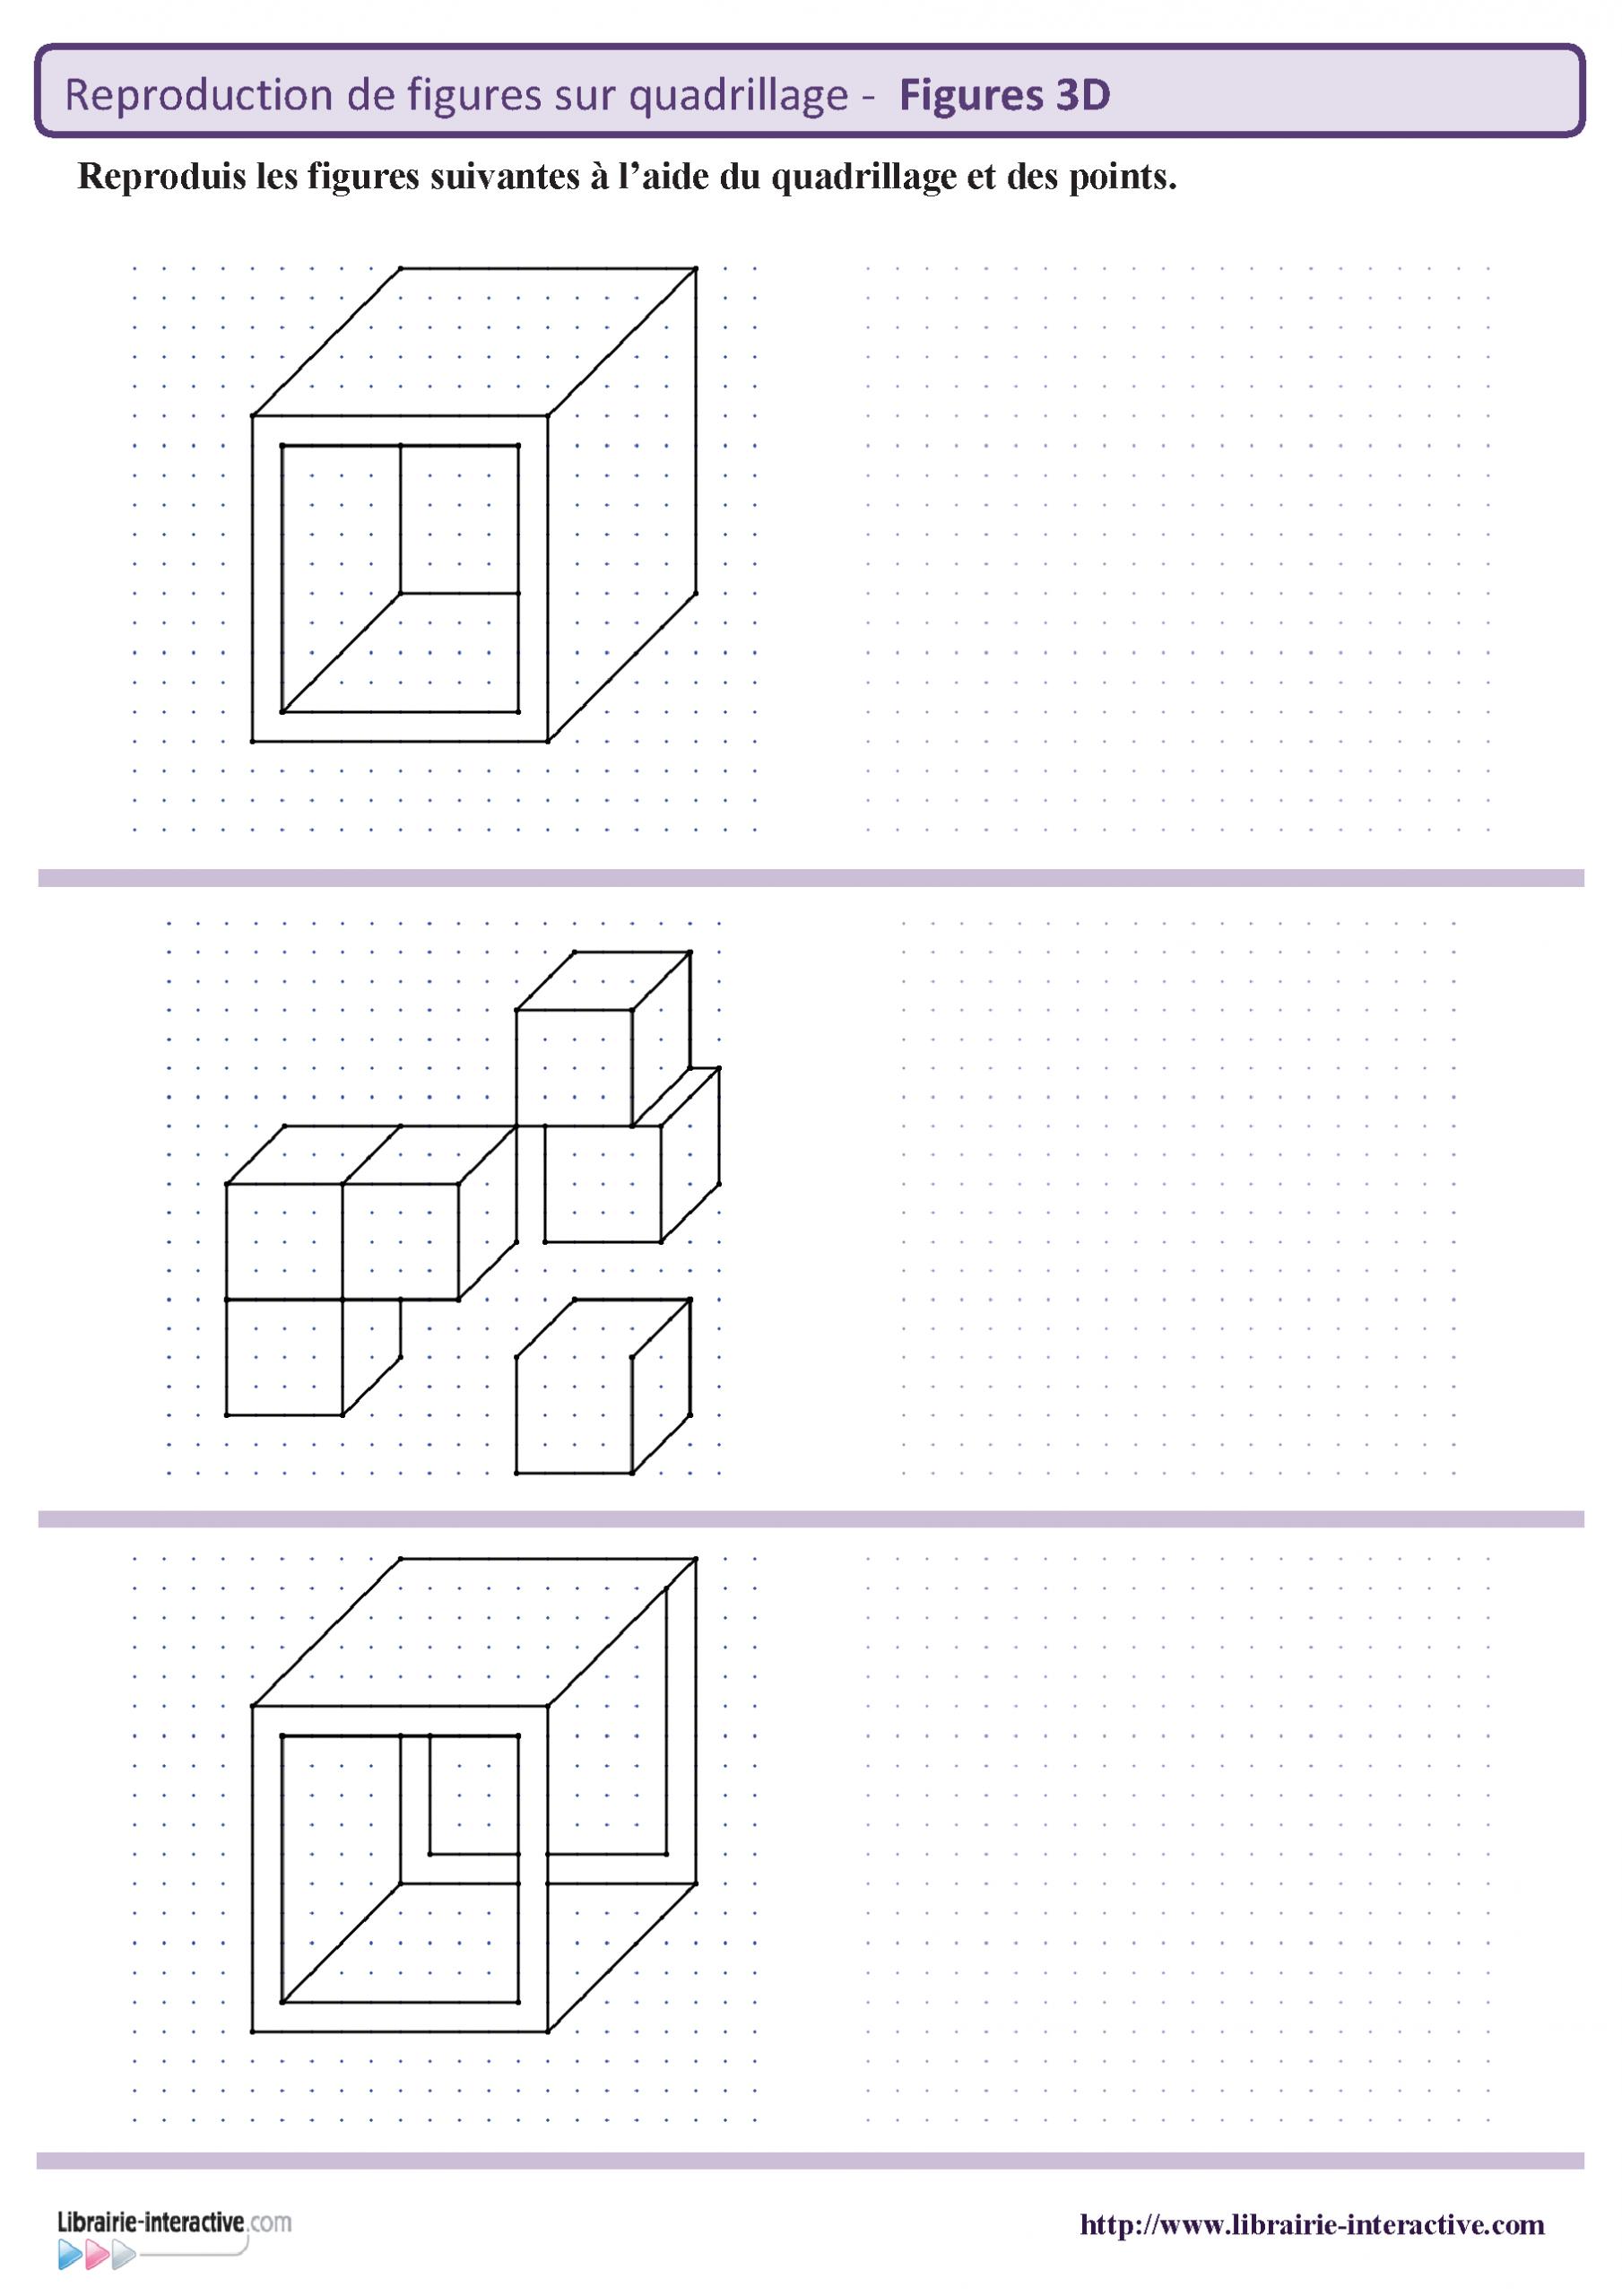 8 Fiches Avec Chacune 3 Figures En 3 Dimensions À Reproduire serapportantà Reproduction Sur Quadrillage Ce1